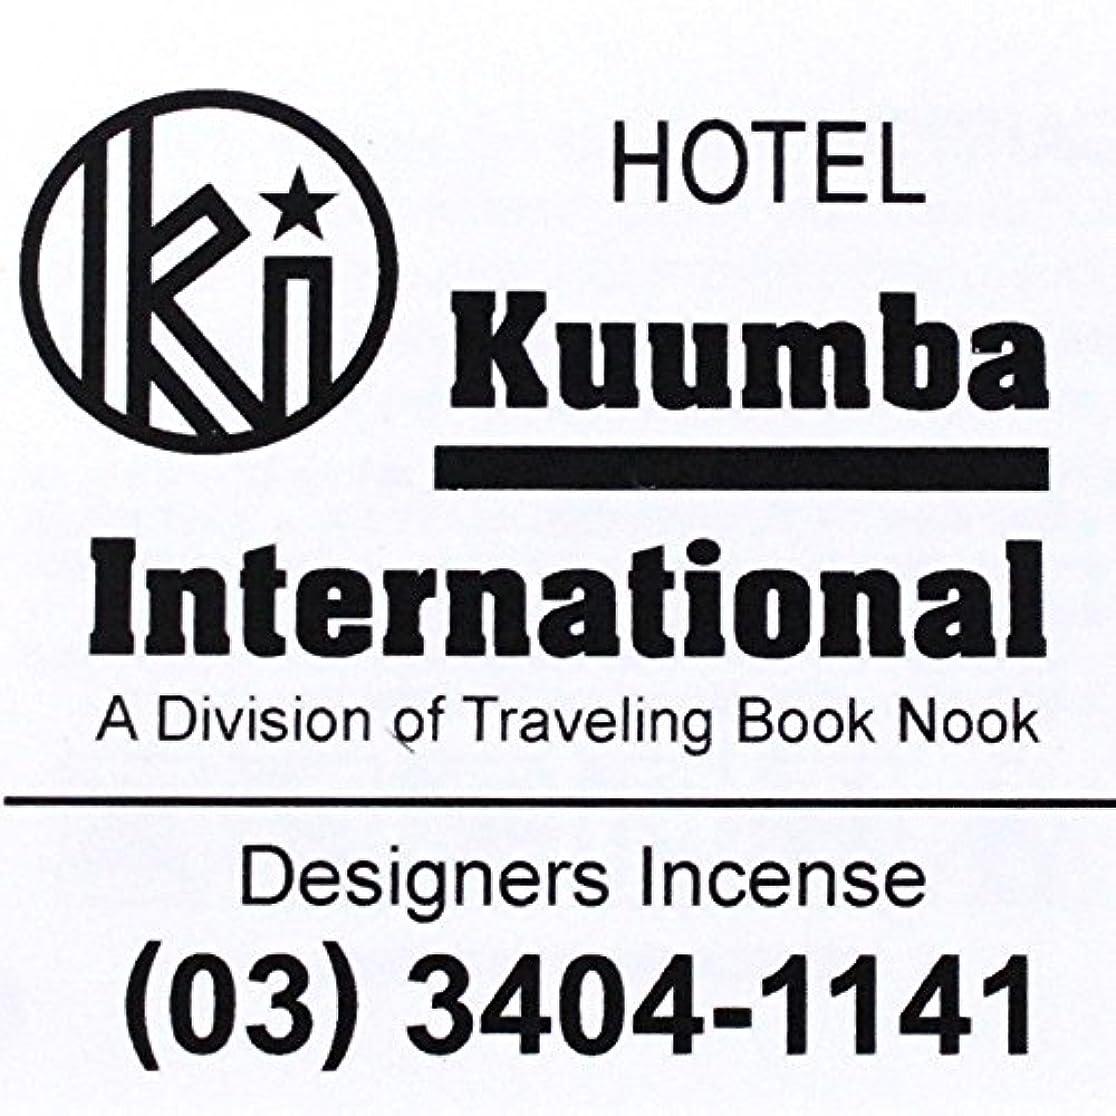 弱めるゆりかご称賛(クンバ) KUUMBA『incense』(HOTEL) (Regular size)